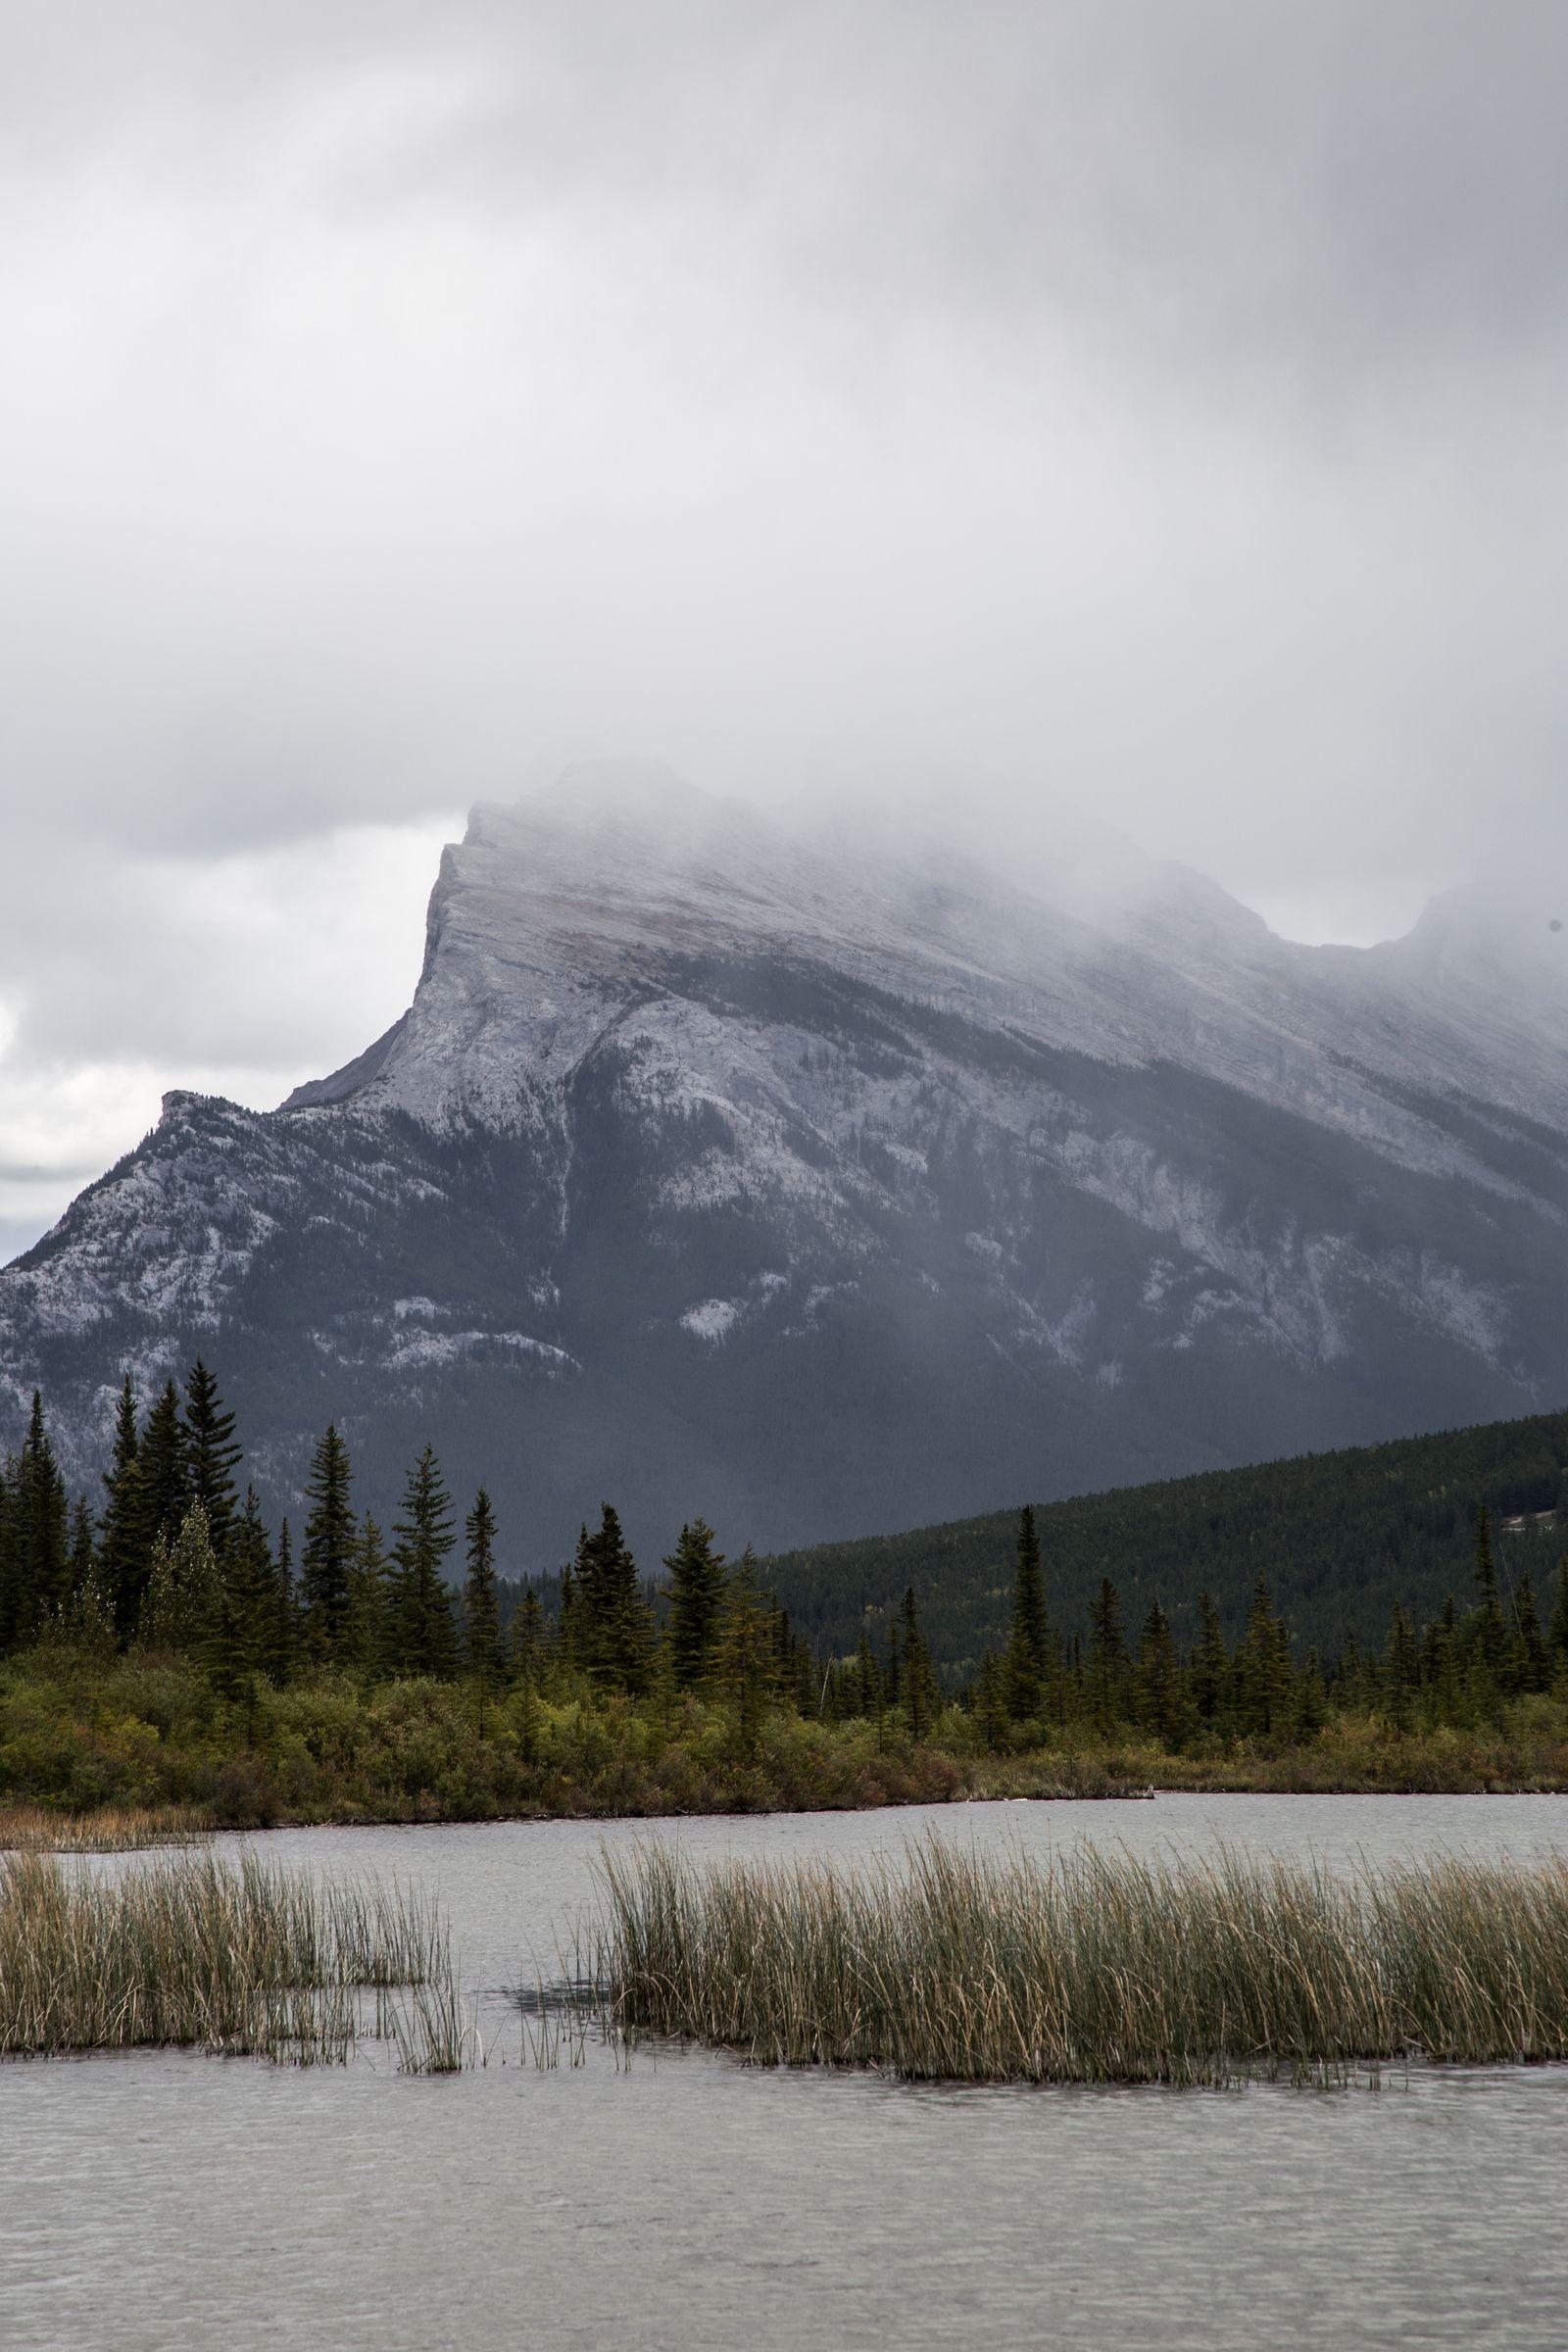 Mount Rundle, tras las nubes